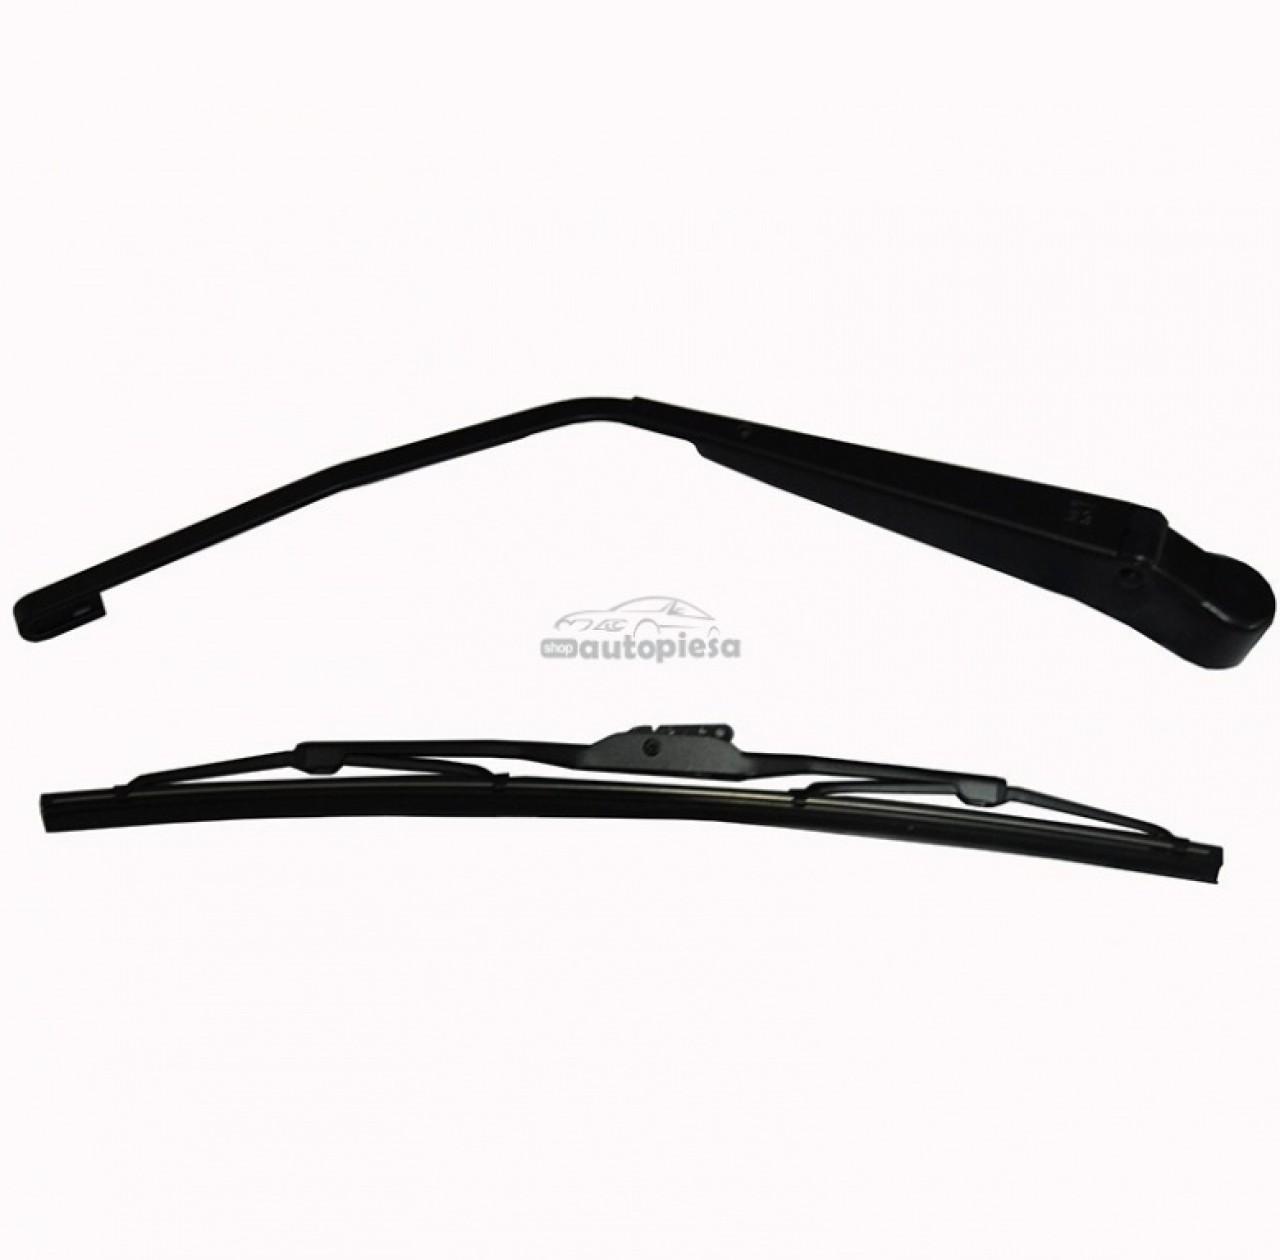 Brat stergator luneta metal + lamela Toyota Yaris CP10 (04.99-12.05) POLCAR 8103RWT1 piesa NOUA